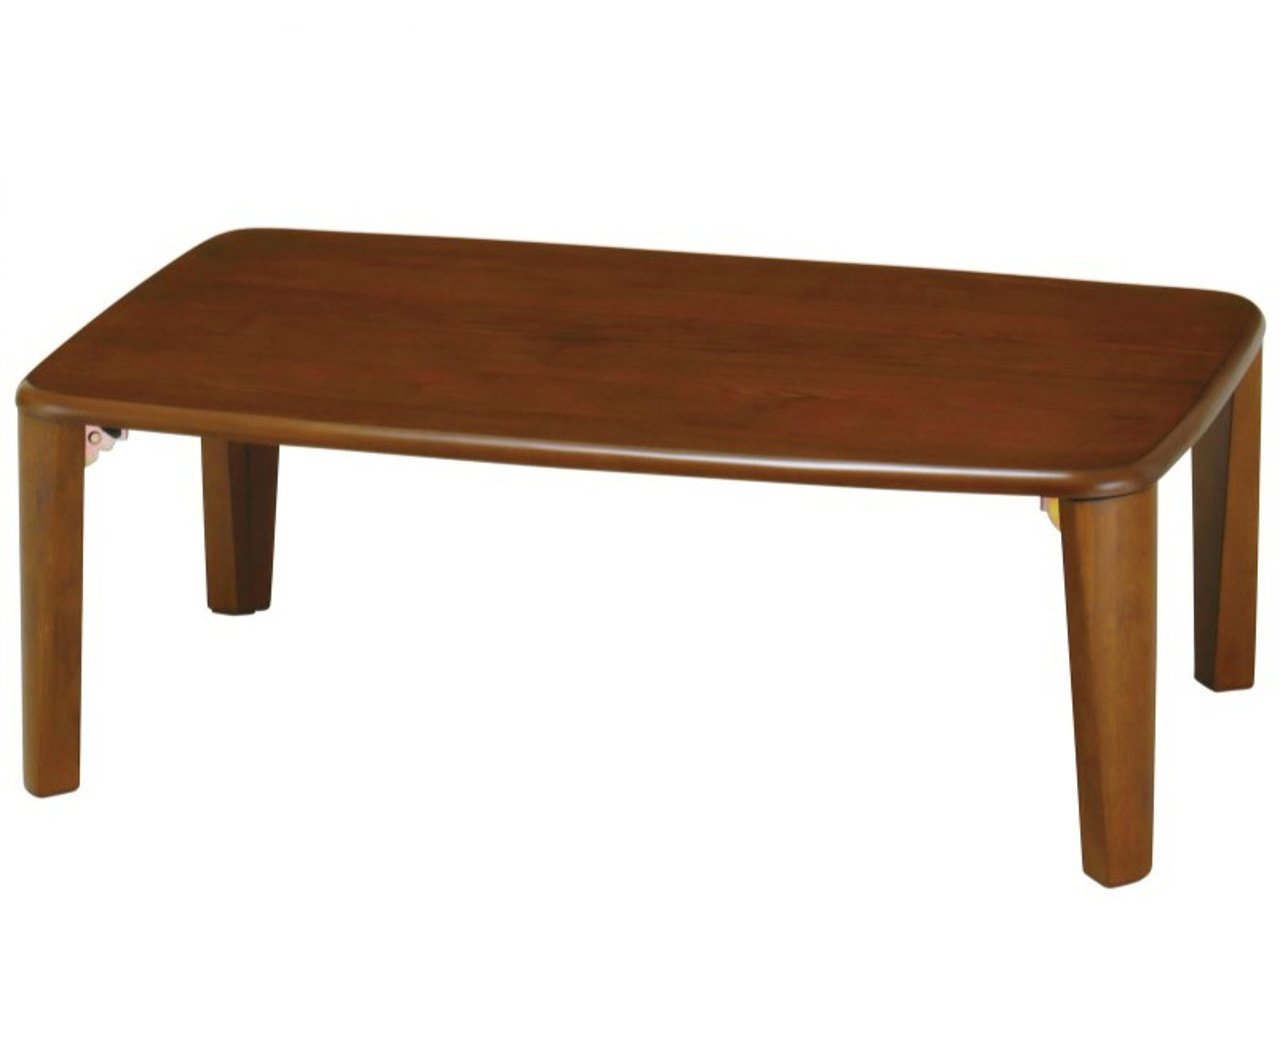 AHEART 木製ローテーブル 折りたたみ 北欧 和風 座卓 テーブル SI 73 幅90cm B07BLP6T34   幅90cm